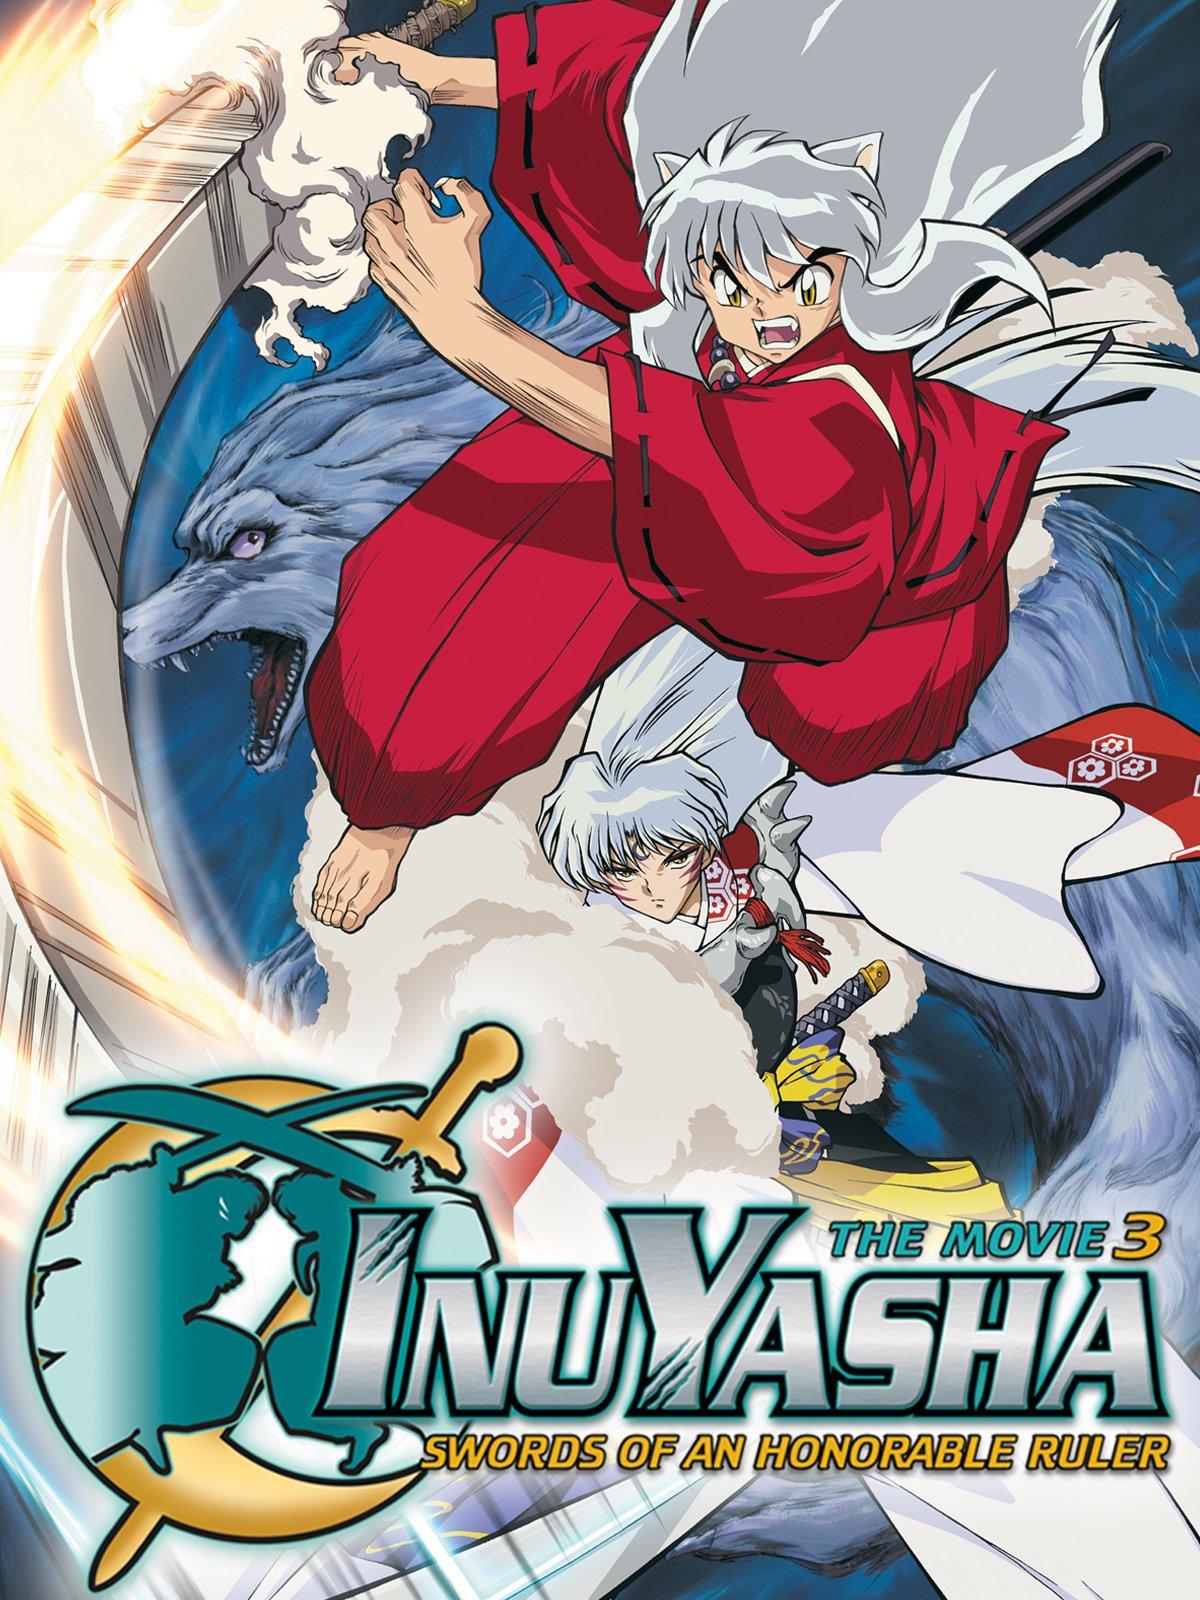 Alexdjhouse/Propuesta de redoblaje: Inuyasha: La espada conquistadora